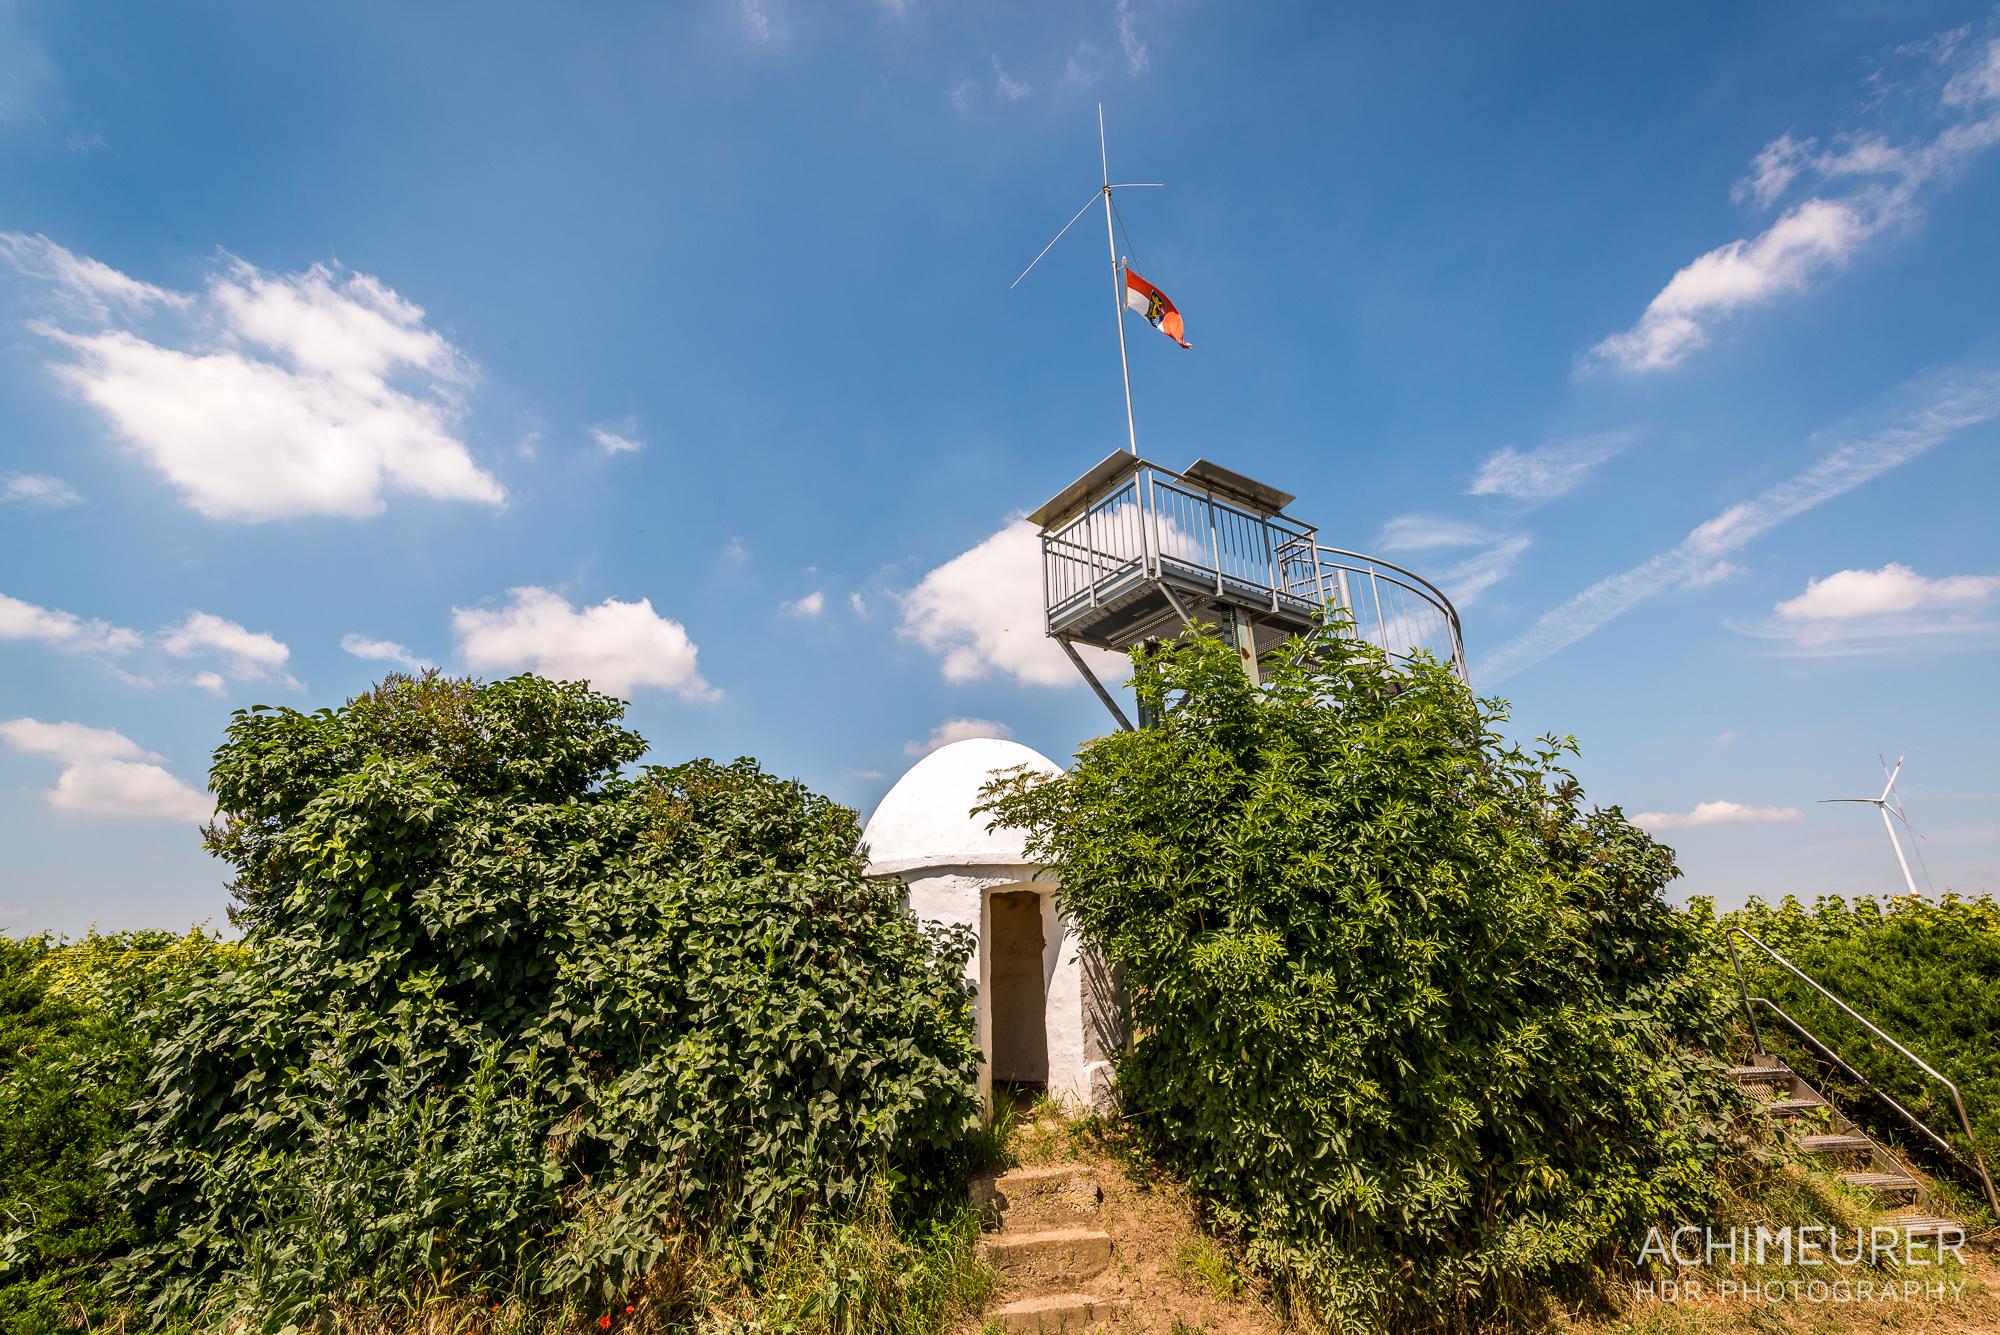 Rheinhessen-Rheinland-Pfalz_6364